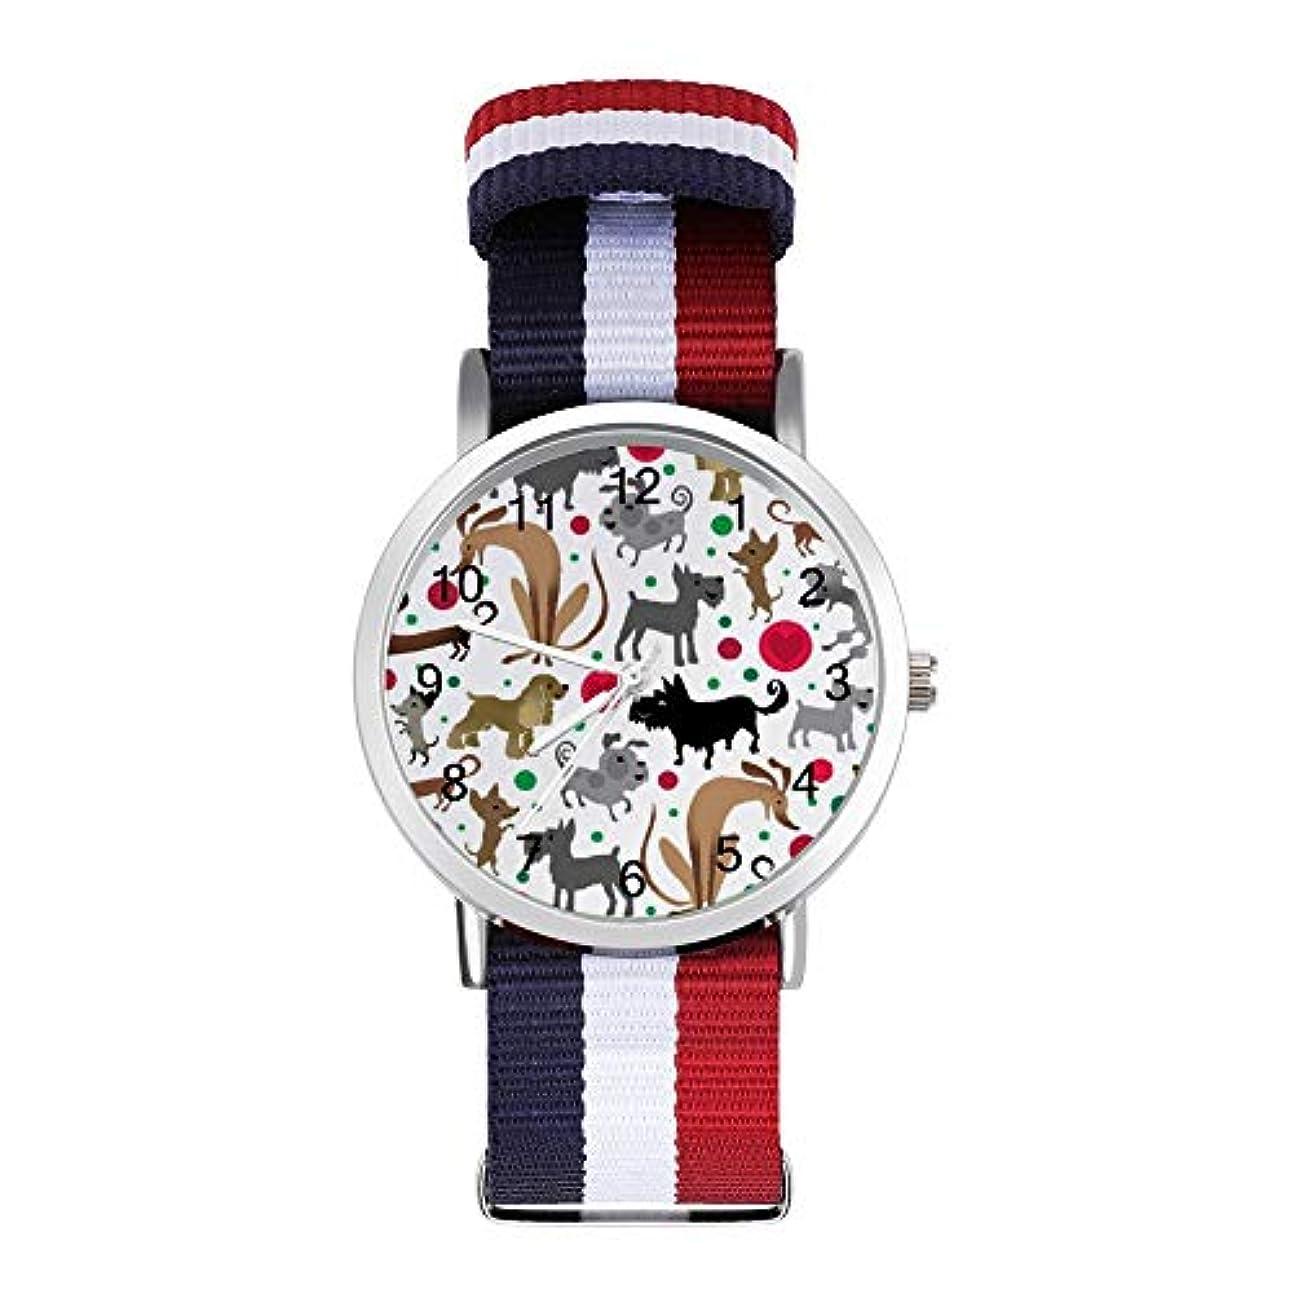 緩む泥棒ホストHAYOE 腕時計 ナイロン シルバー 文字盤 男女兼用 Nylon Watch かわいい おしゃれ レディースウォッチ メンズウォッチ ダックスフント プードルテリア コッカーはハート 球